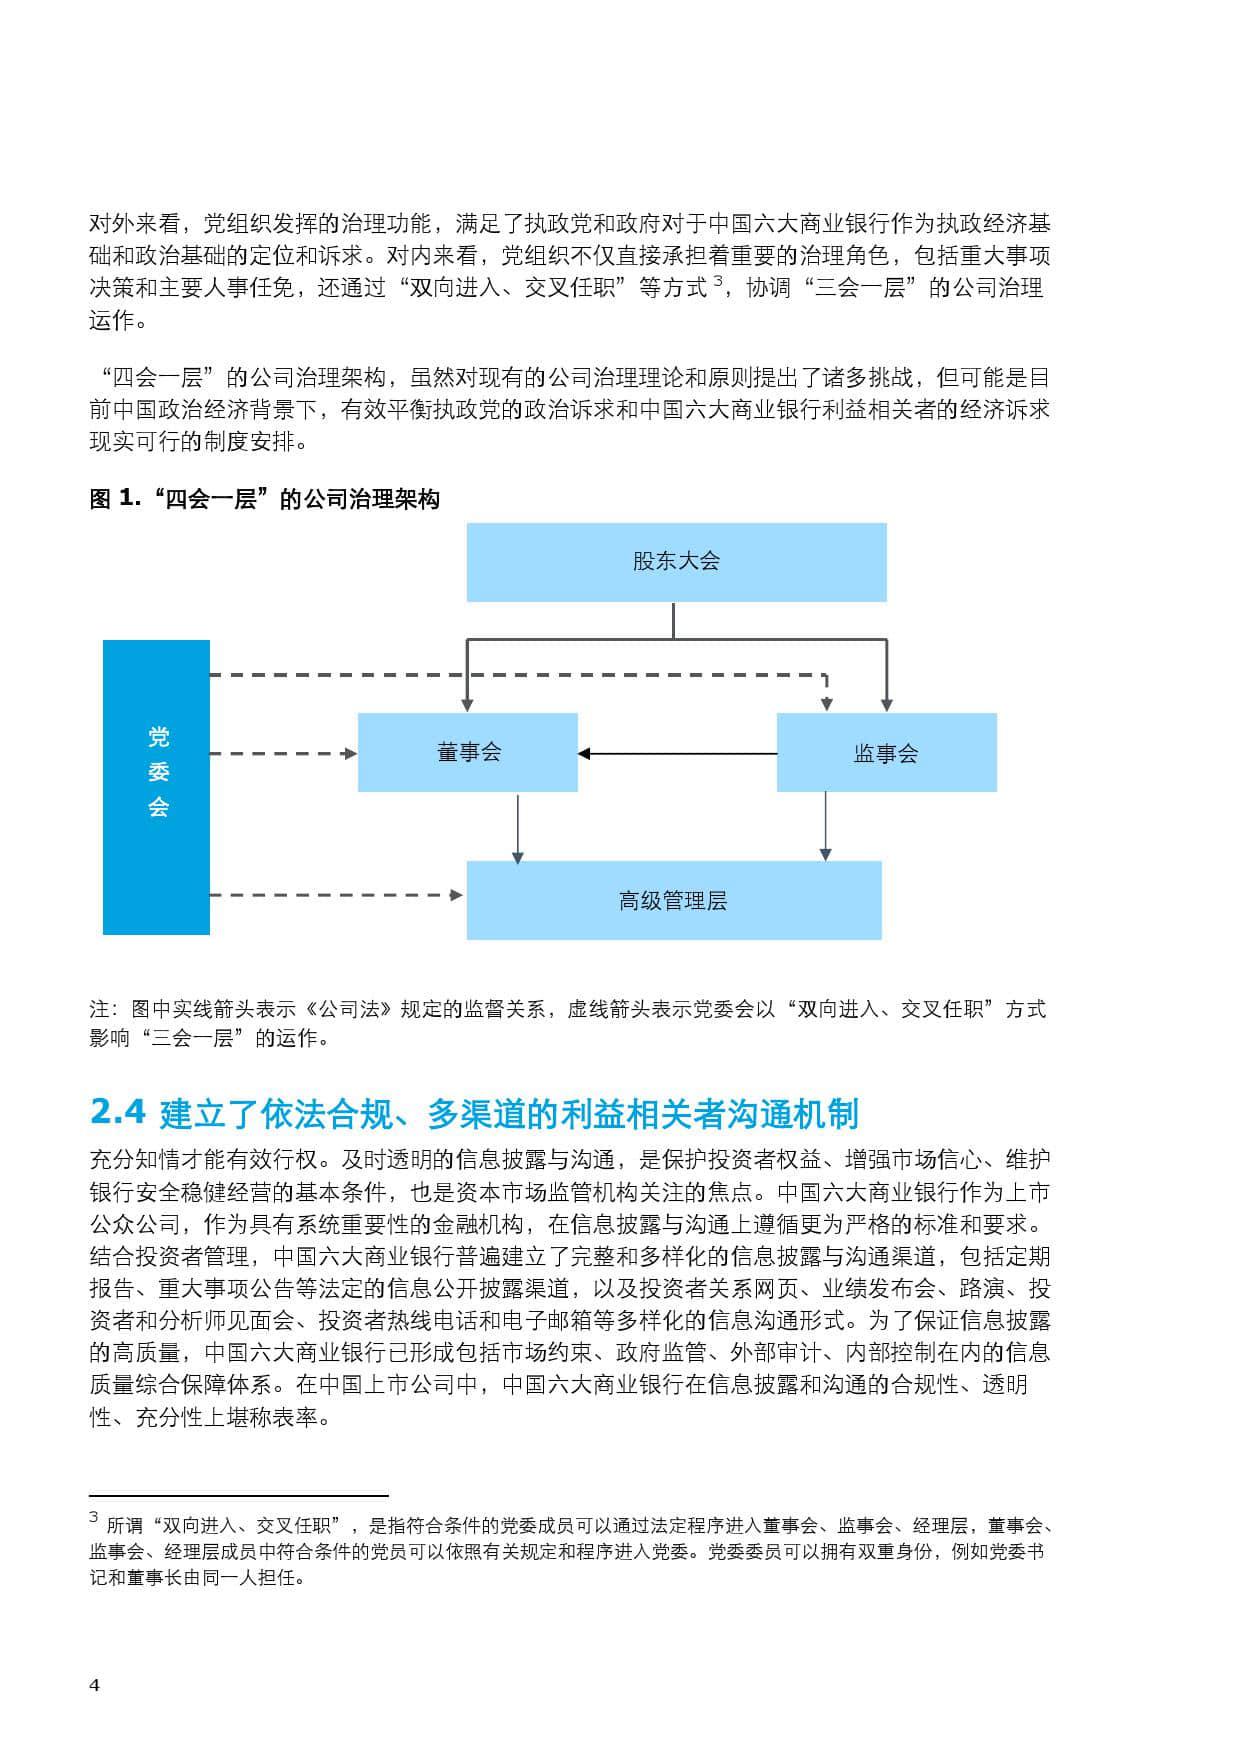 德勤:2019中国六大商业银行公司治理实践研究报告(199it)